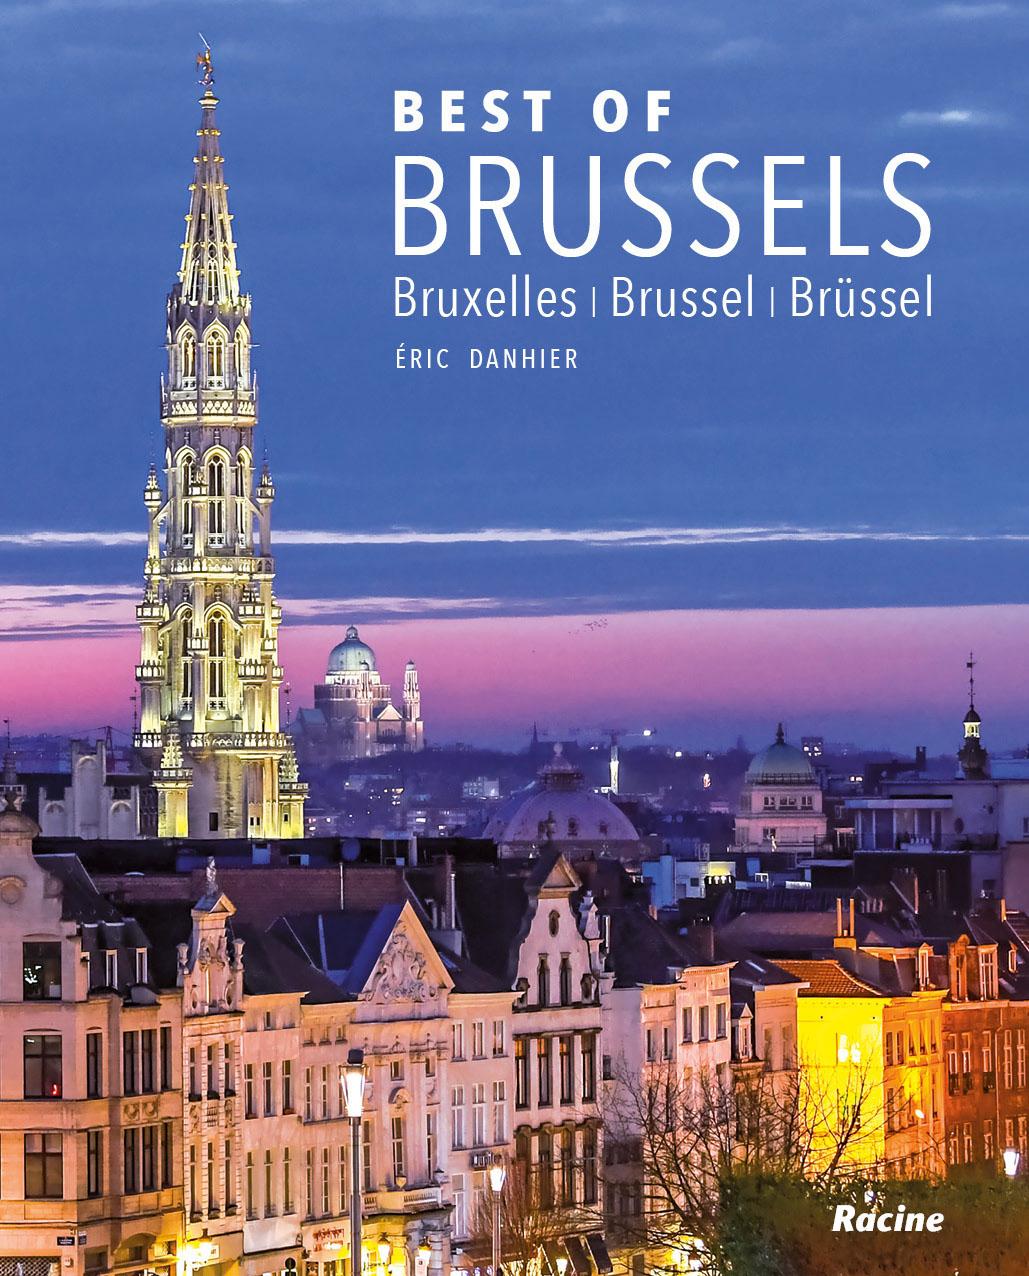 Best of Brussels - Bruxelles - Brussel - Brussel | Uitgeverij Lannoo